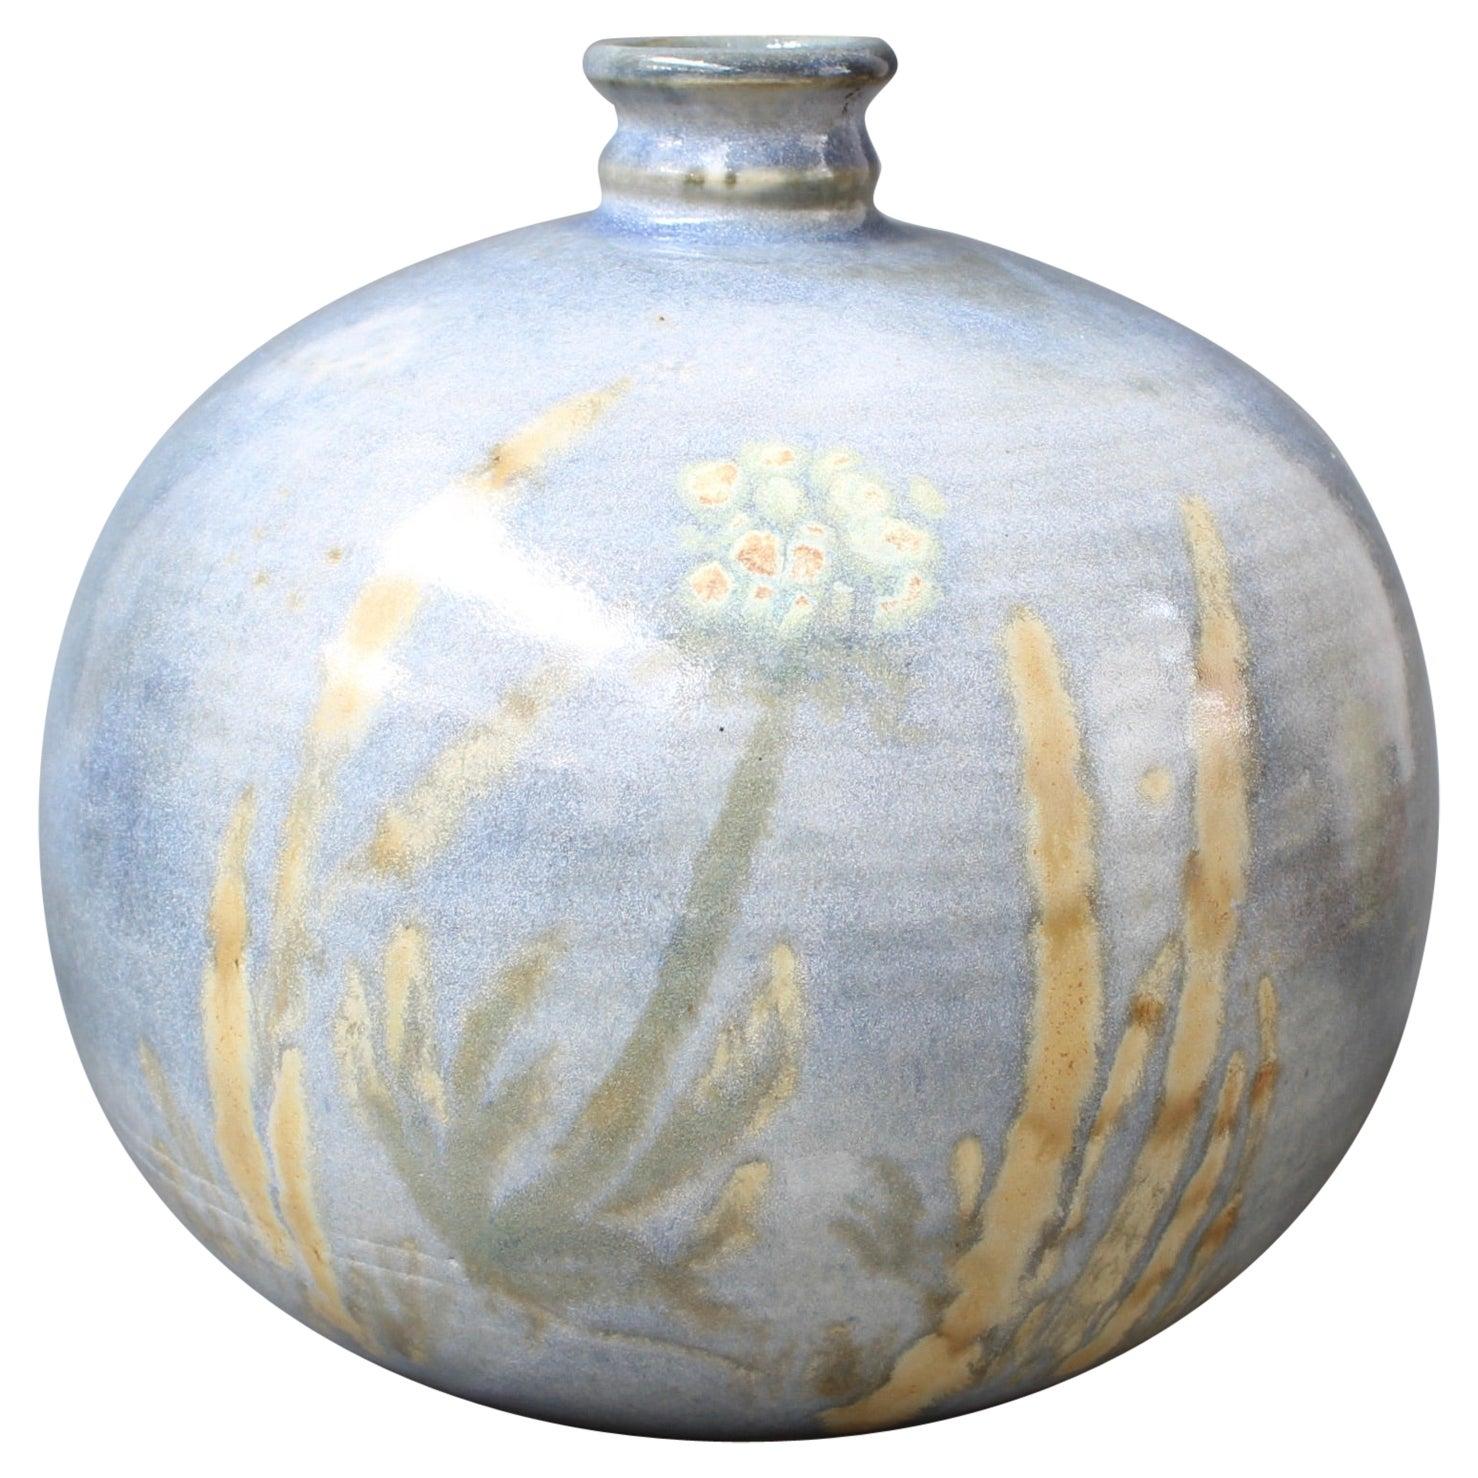 Ceramic Decorative Vase by Alexandre Kostanda 'circa 1970s'